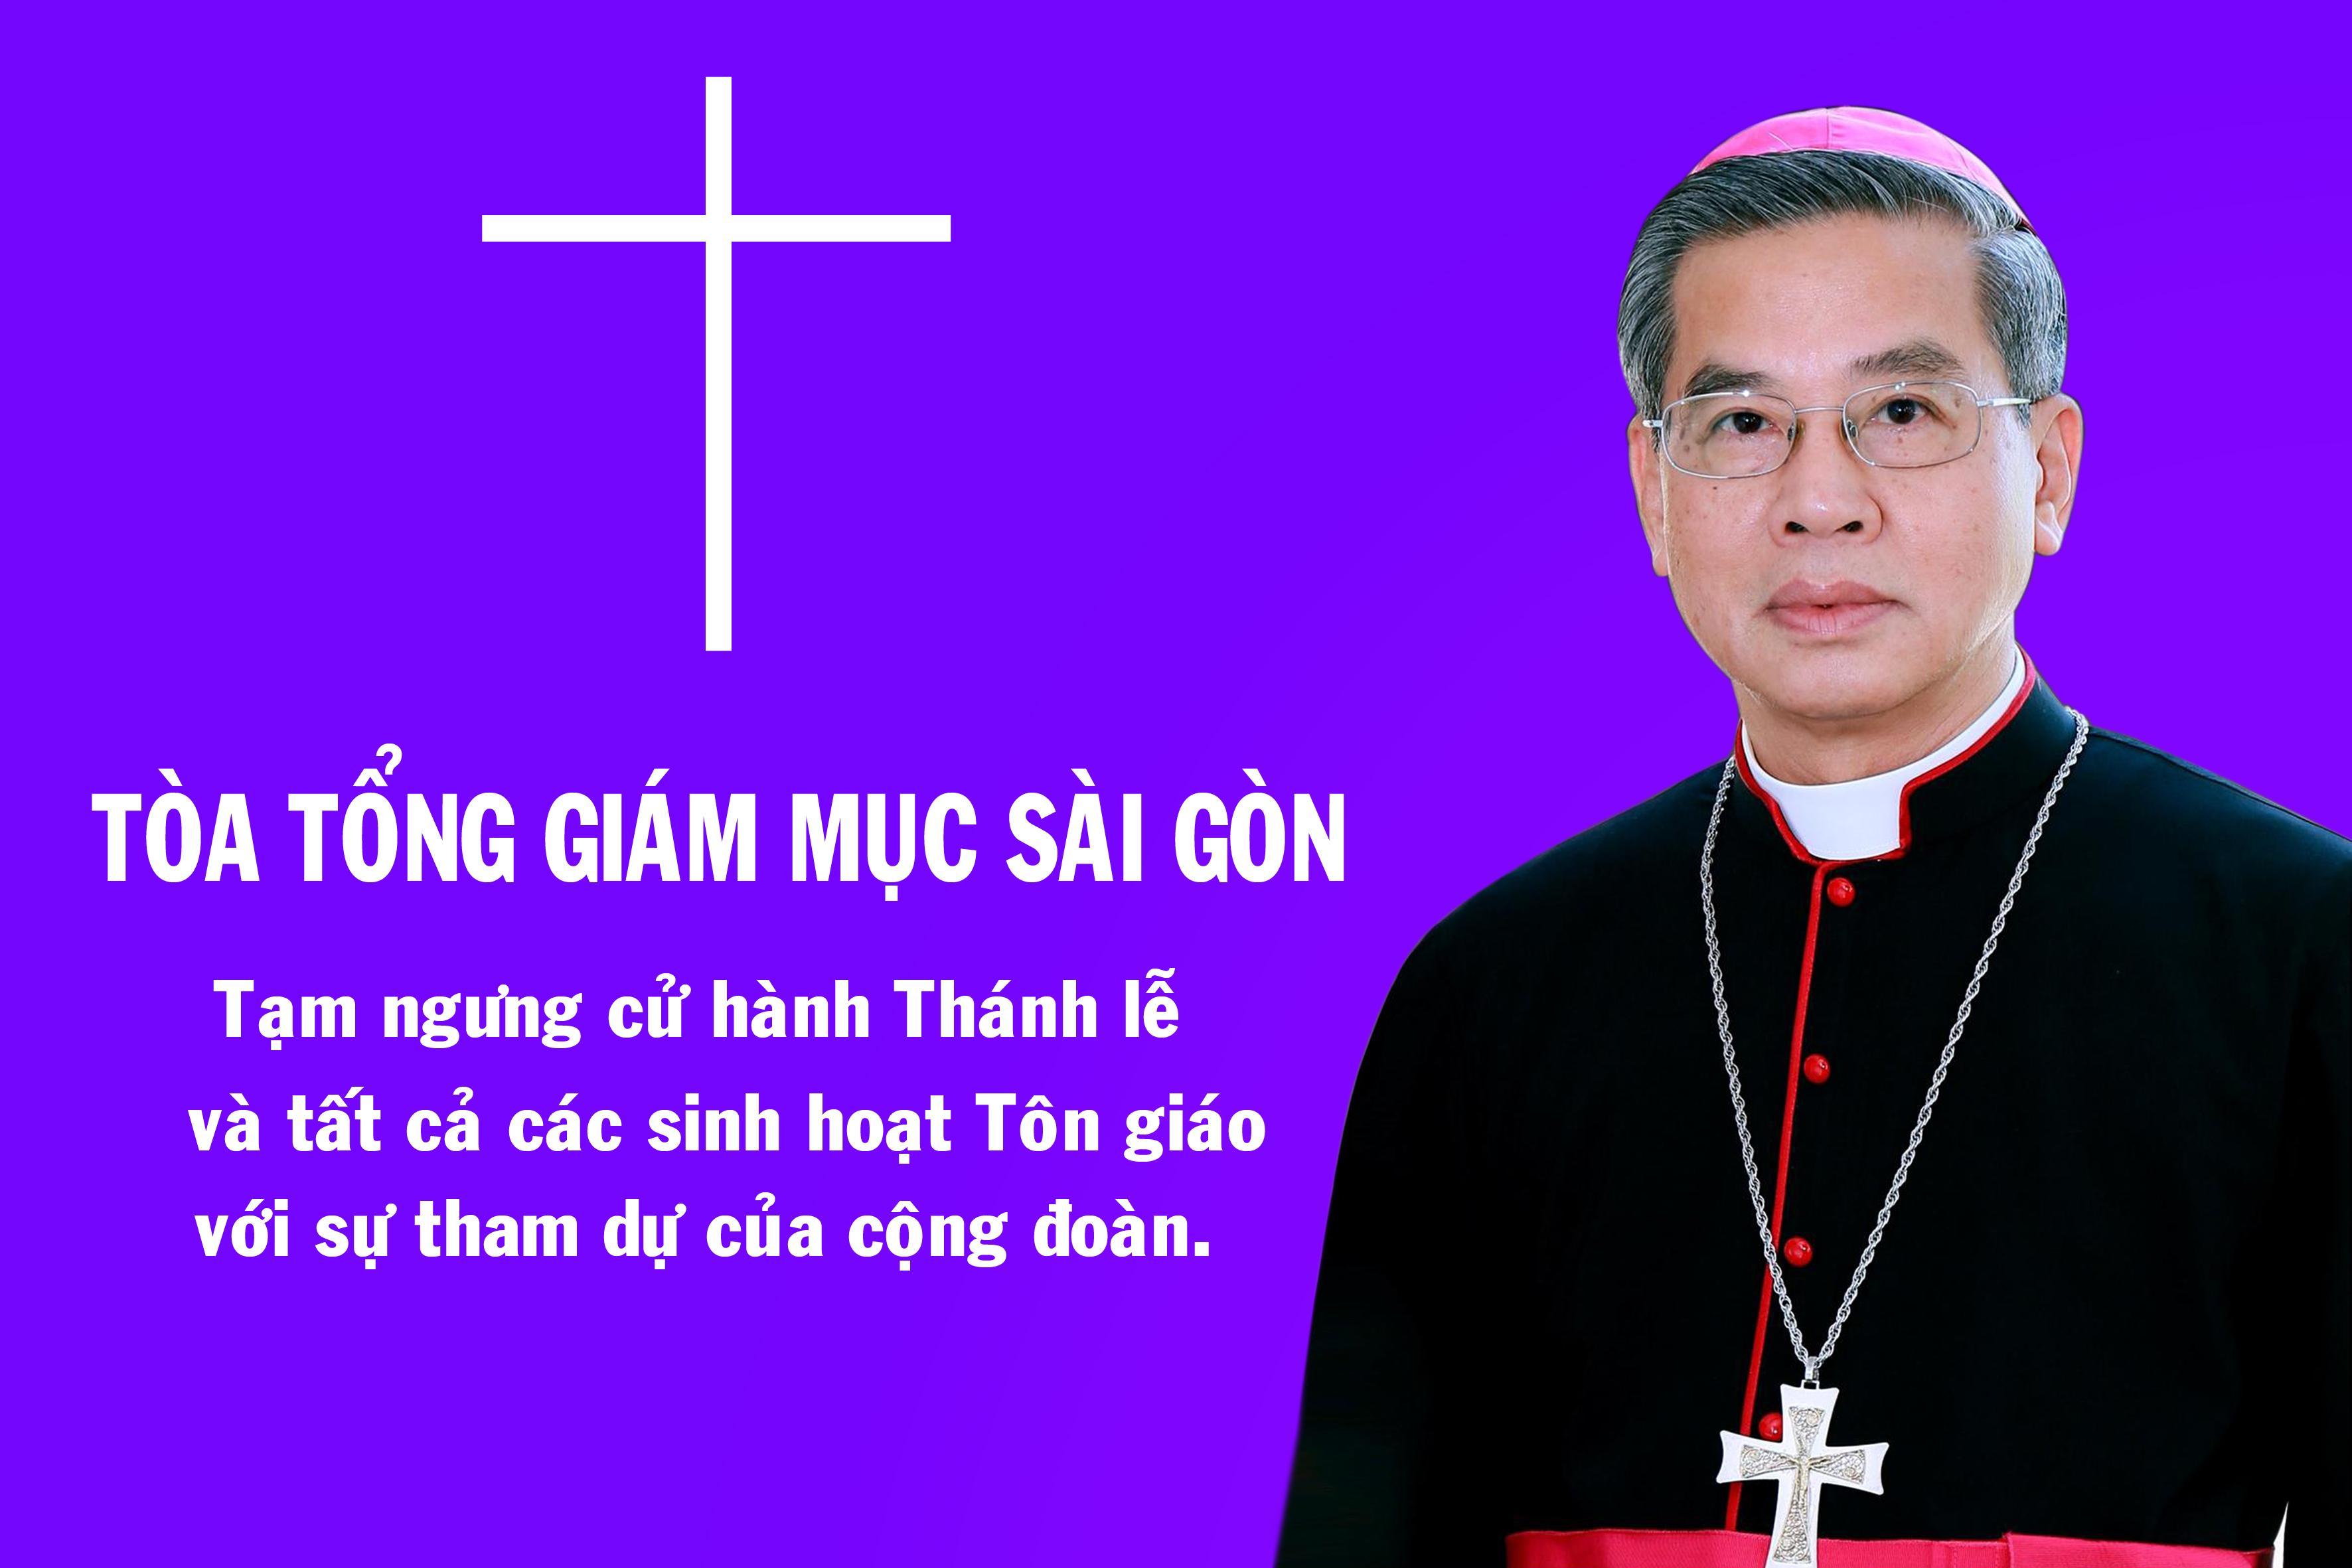 Tòa Tổng Giám mục Sài Gòn: Thông báo tạm ngưng các sinh hoạt cộng đoàn kể từ 16g00 ngày 26.3.2020